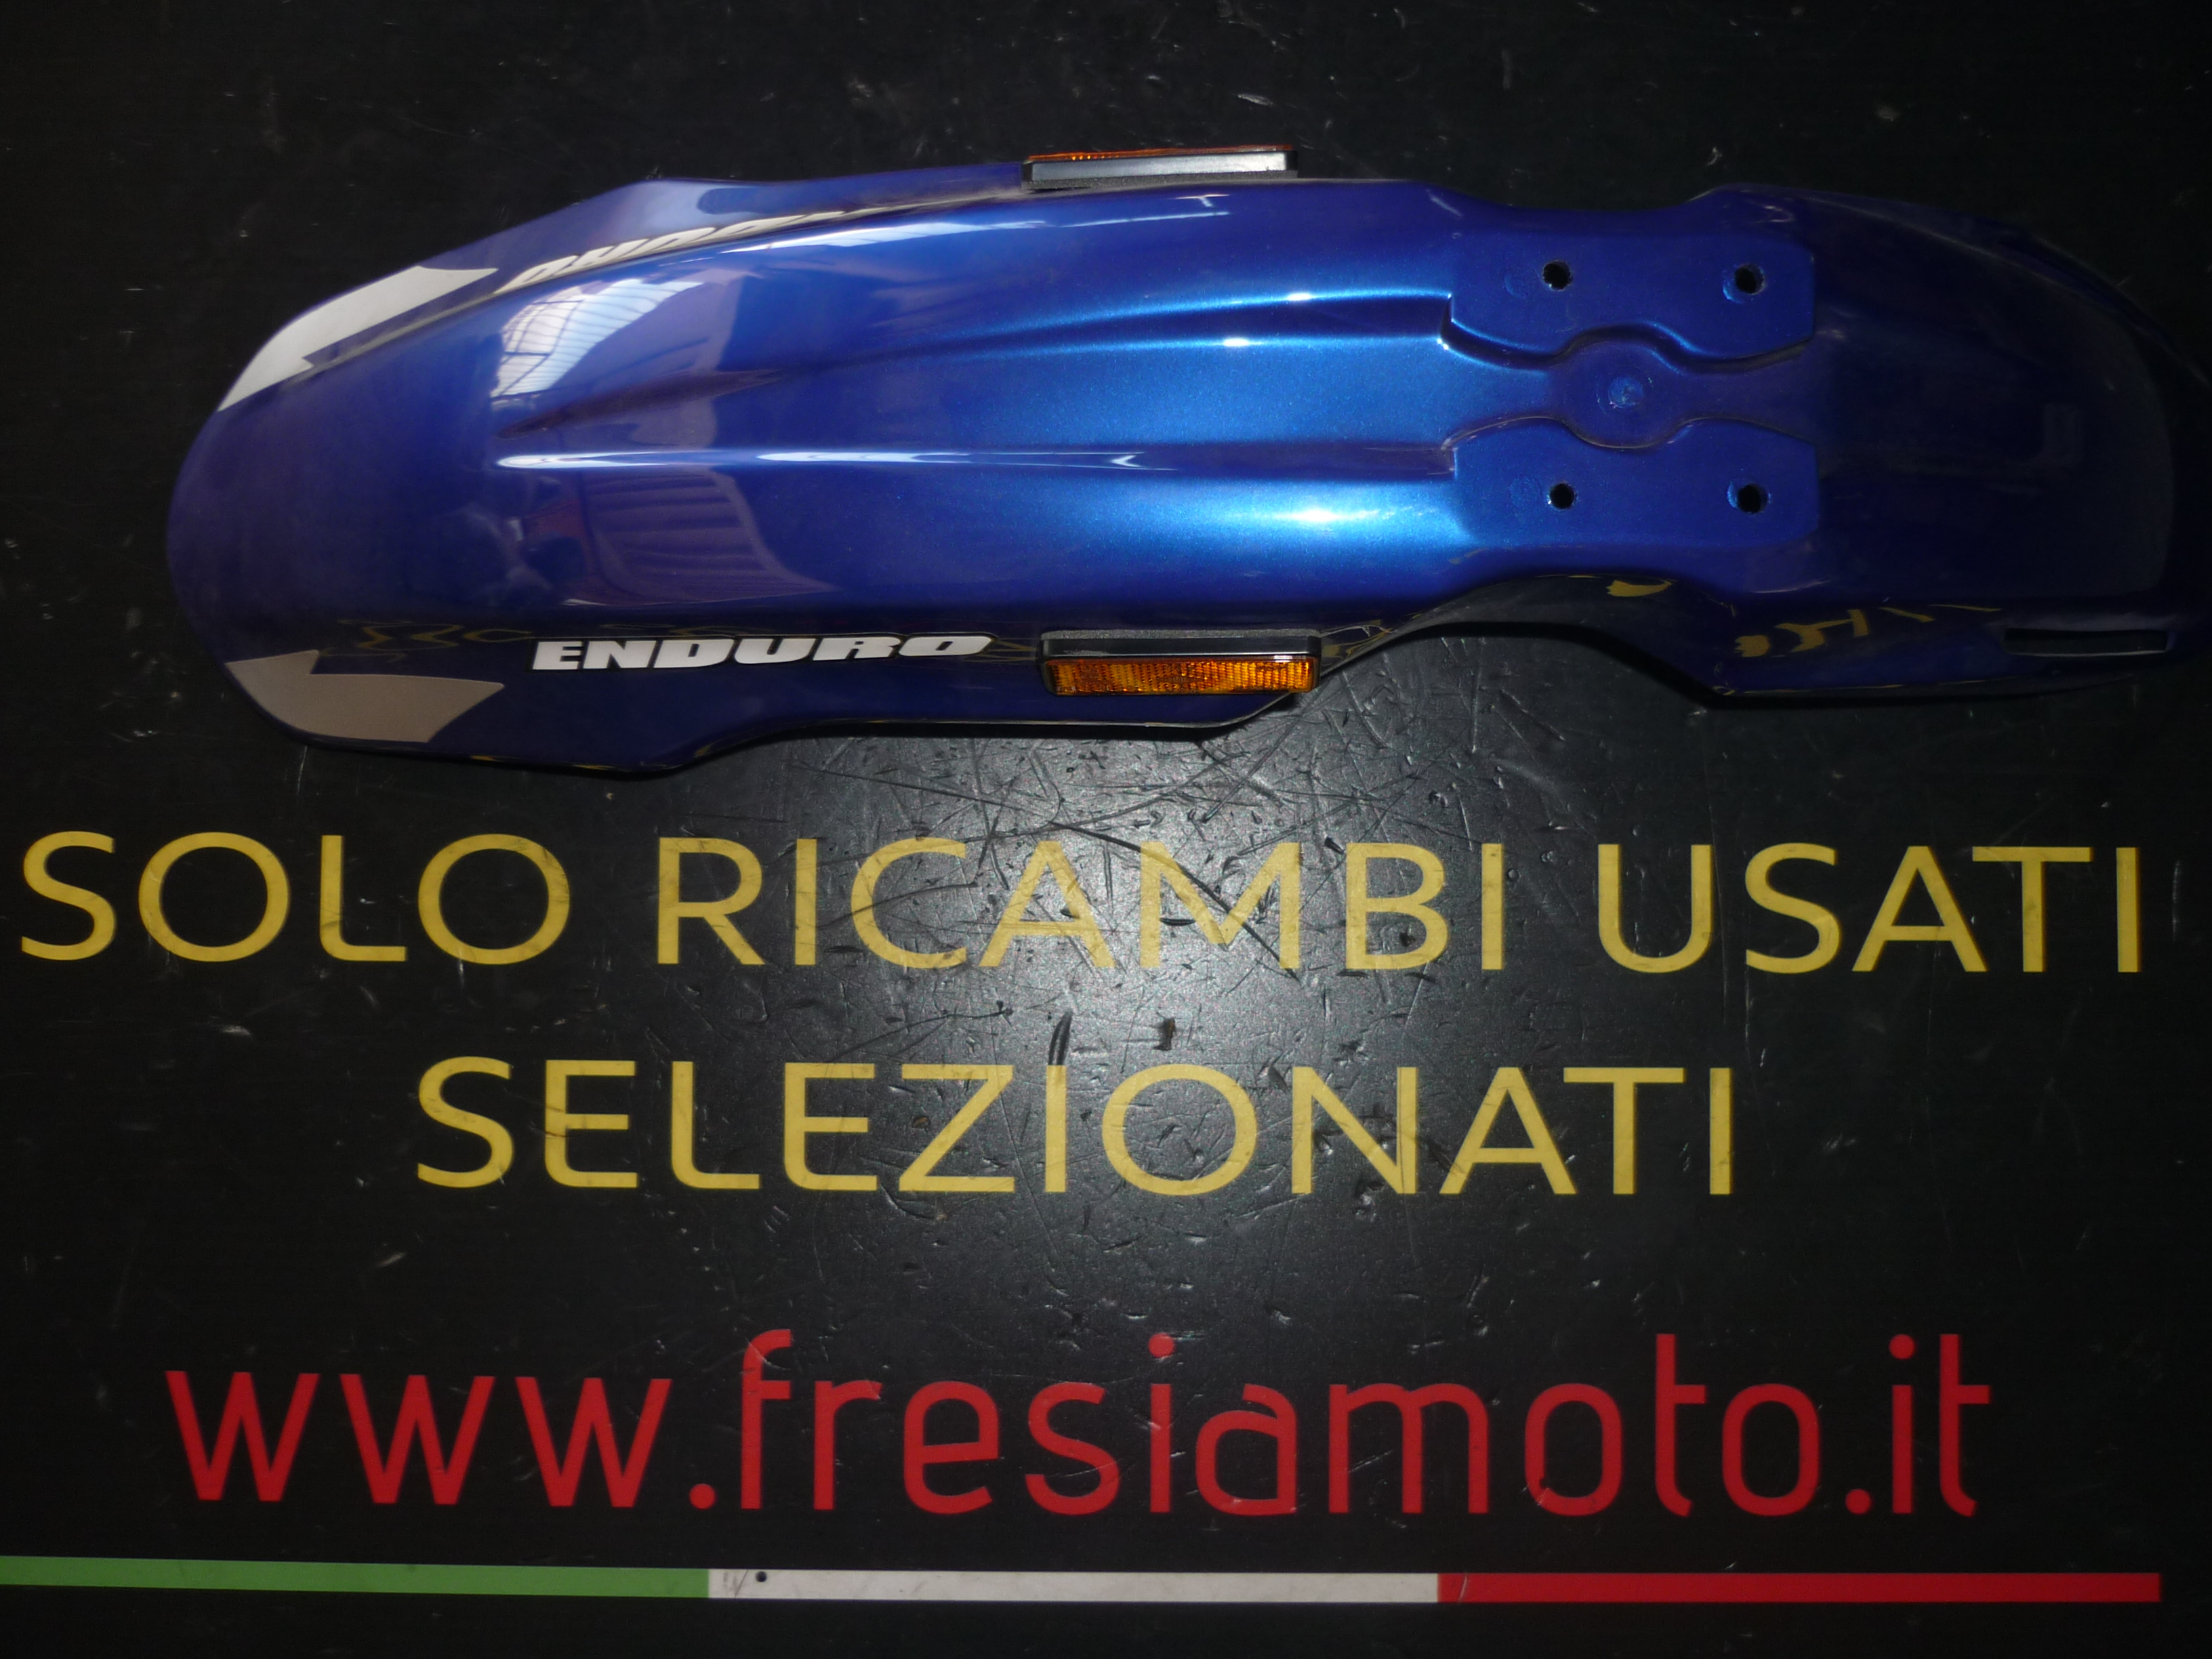 PARAFANGO ANTERIORE USATO PER PEUGEOT XPS 50 ENDURO DEL 2009